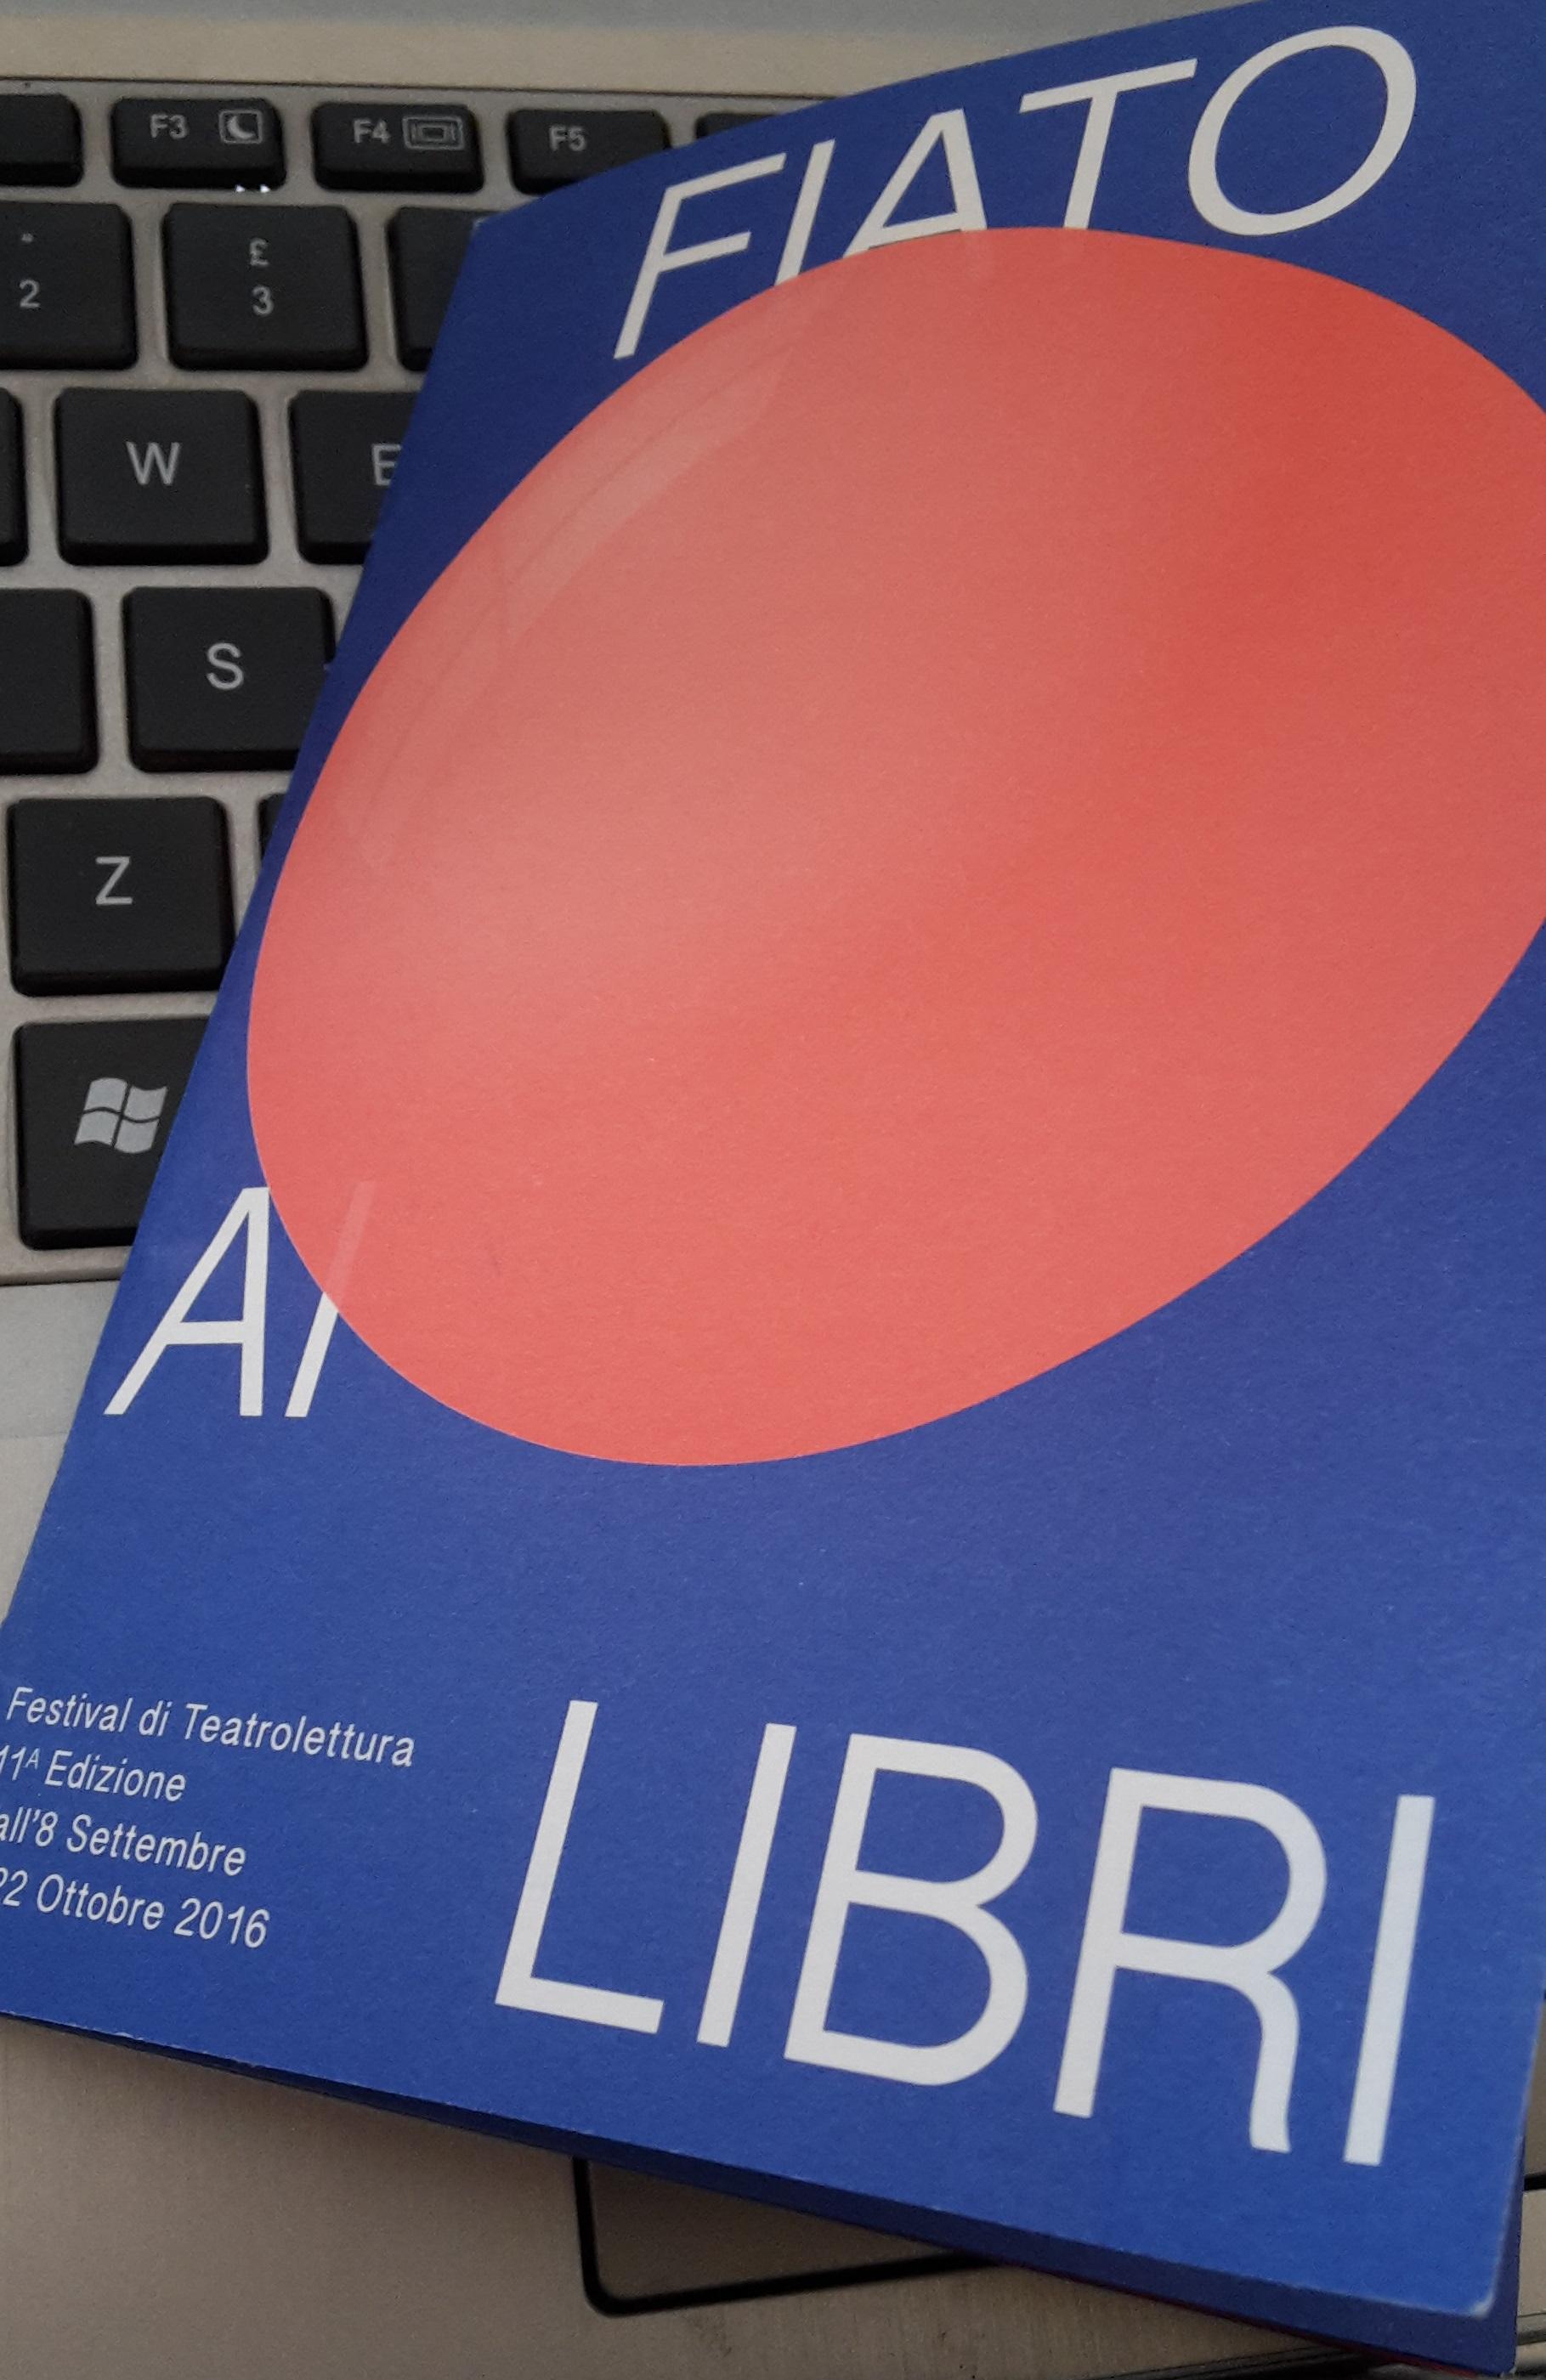 Il festival letterario Fiato ai libri e la forza persuasiva di uno scrittore letto ad alta voce